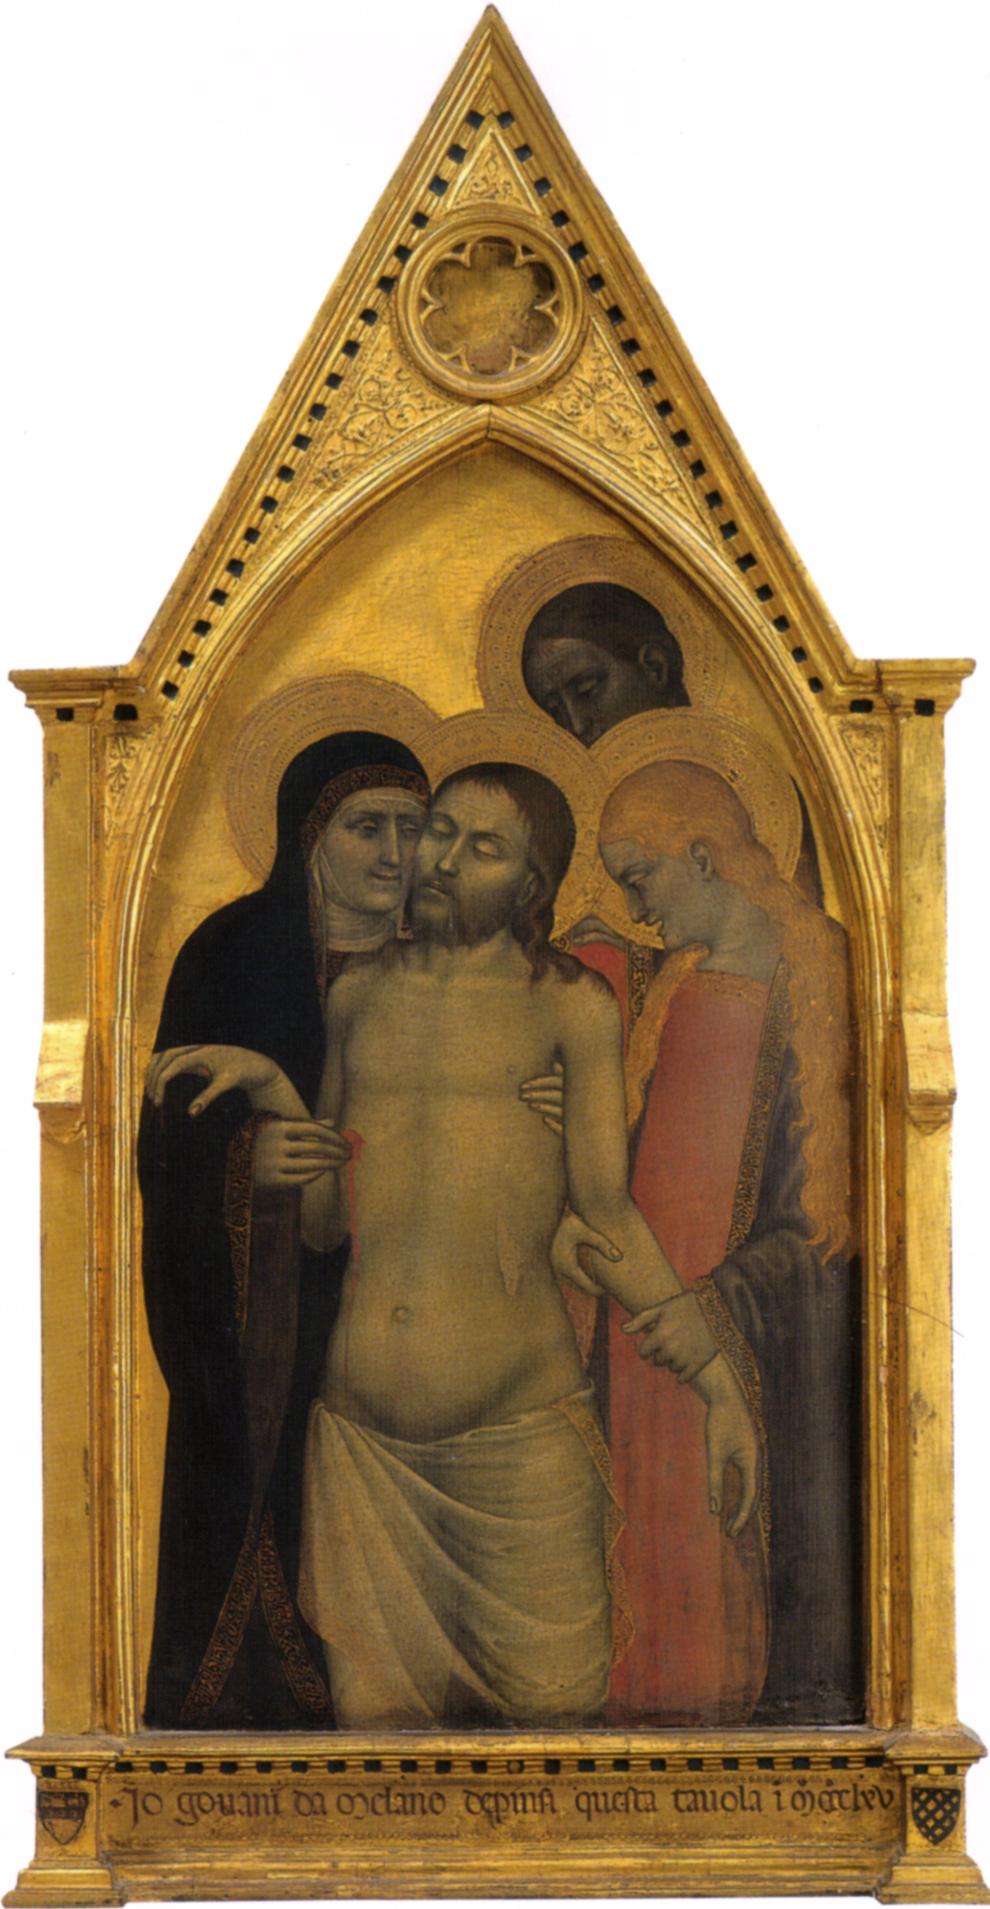 Giovanni da Milano, Cristo in pietà tra la Madonna, san Giovanni Evangelista e santa Maria Maddalena, 1365, tempera e oro su tavola, Firenze, Galleria dell'Accademia